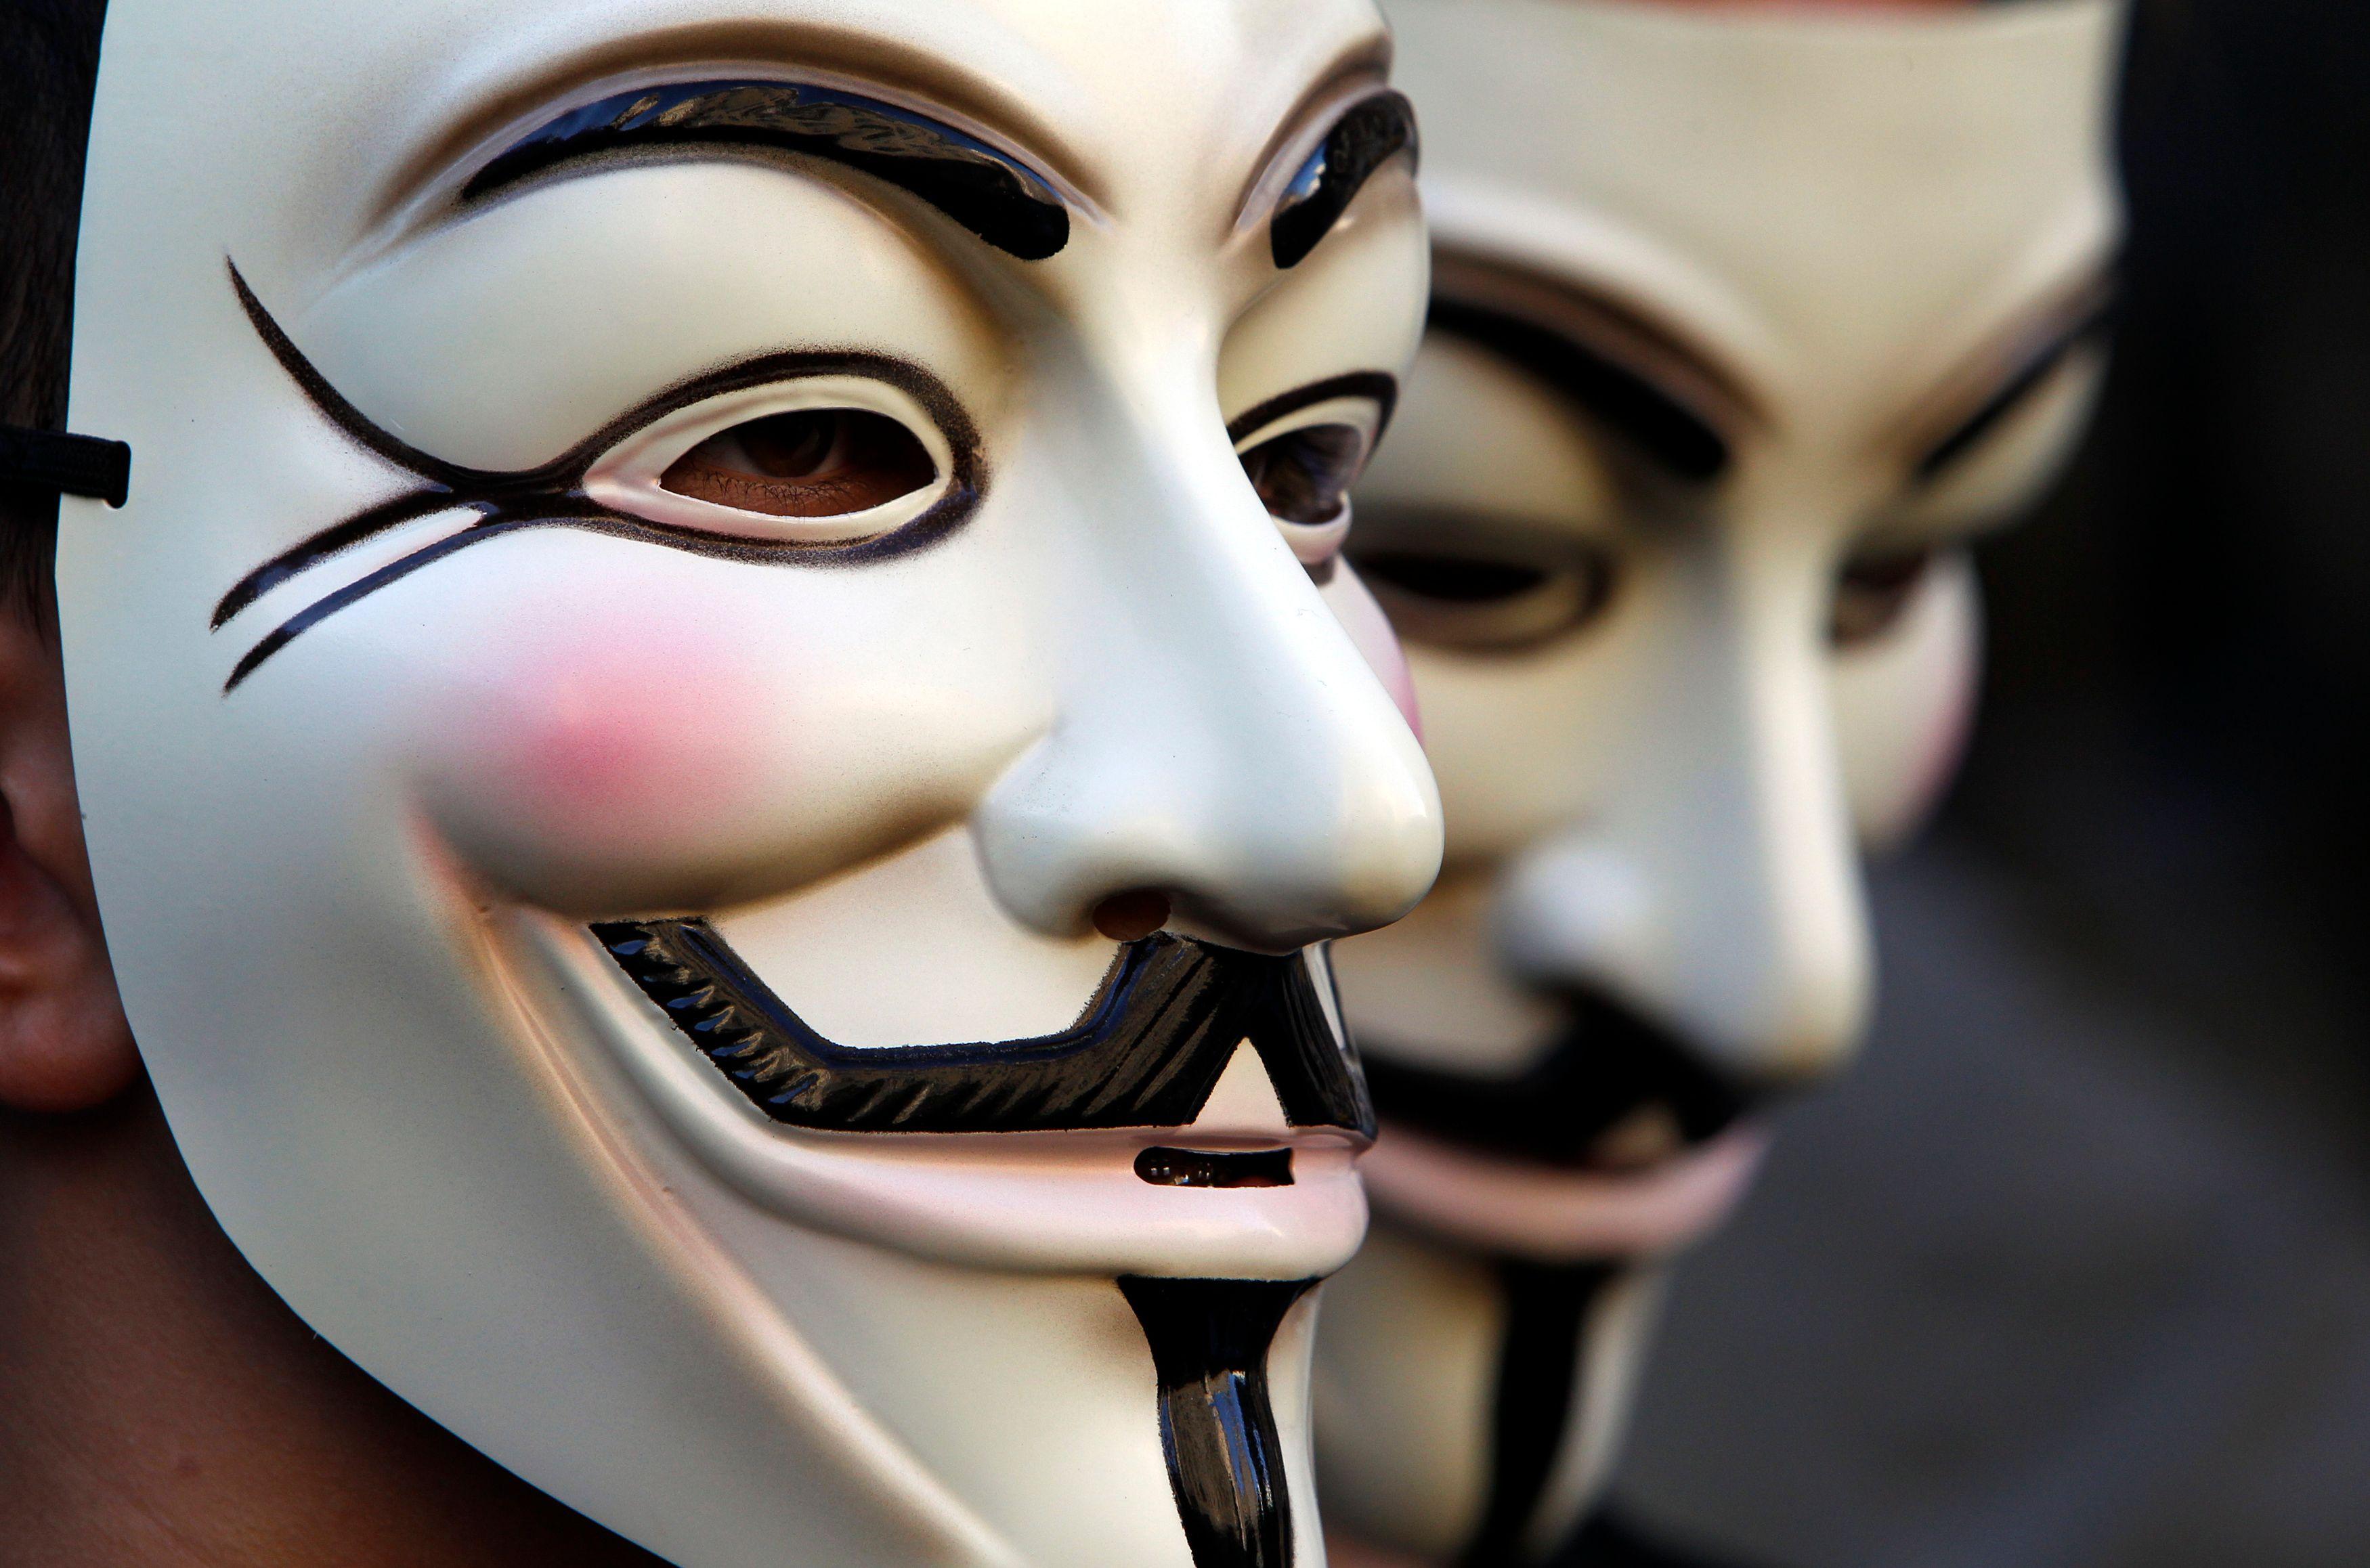 """""""Anonymous a souvent pour habitude de tirer dans toutes les directions et de poser des questions plus tard"""" commente un hacker."""